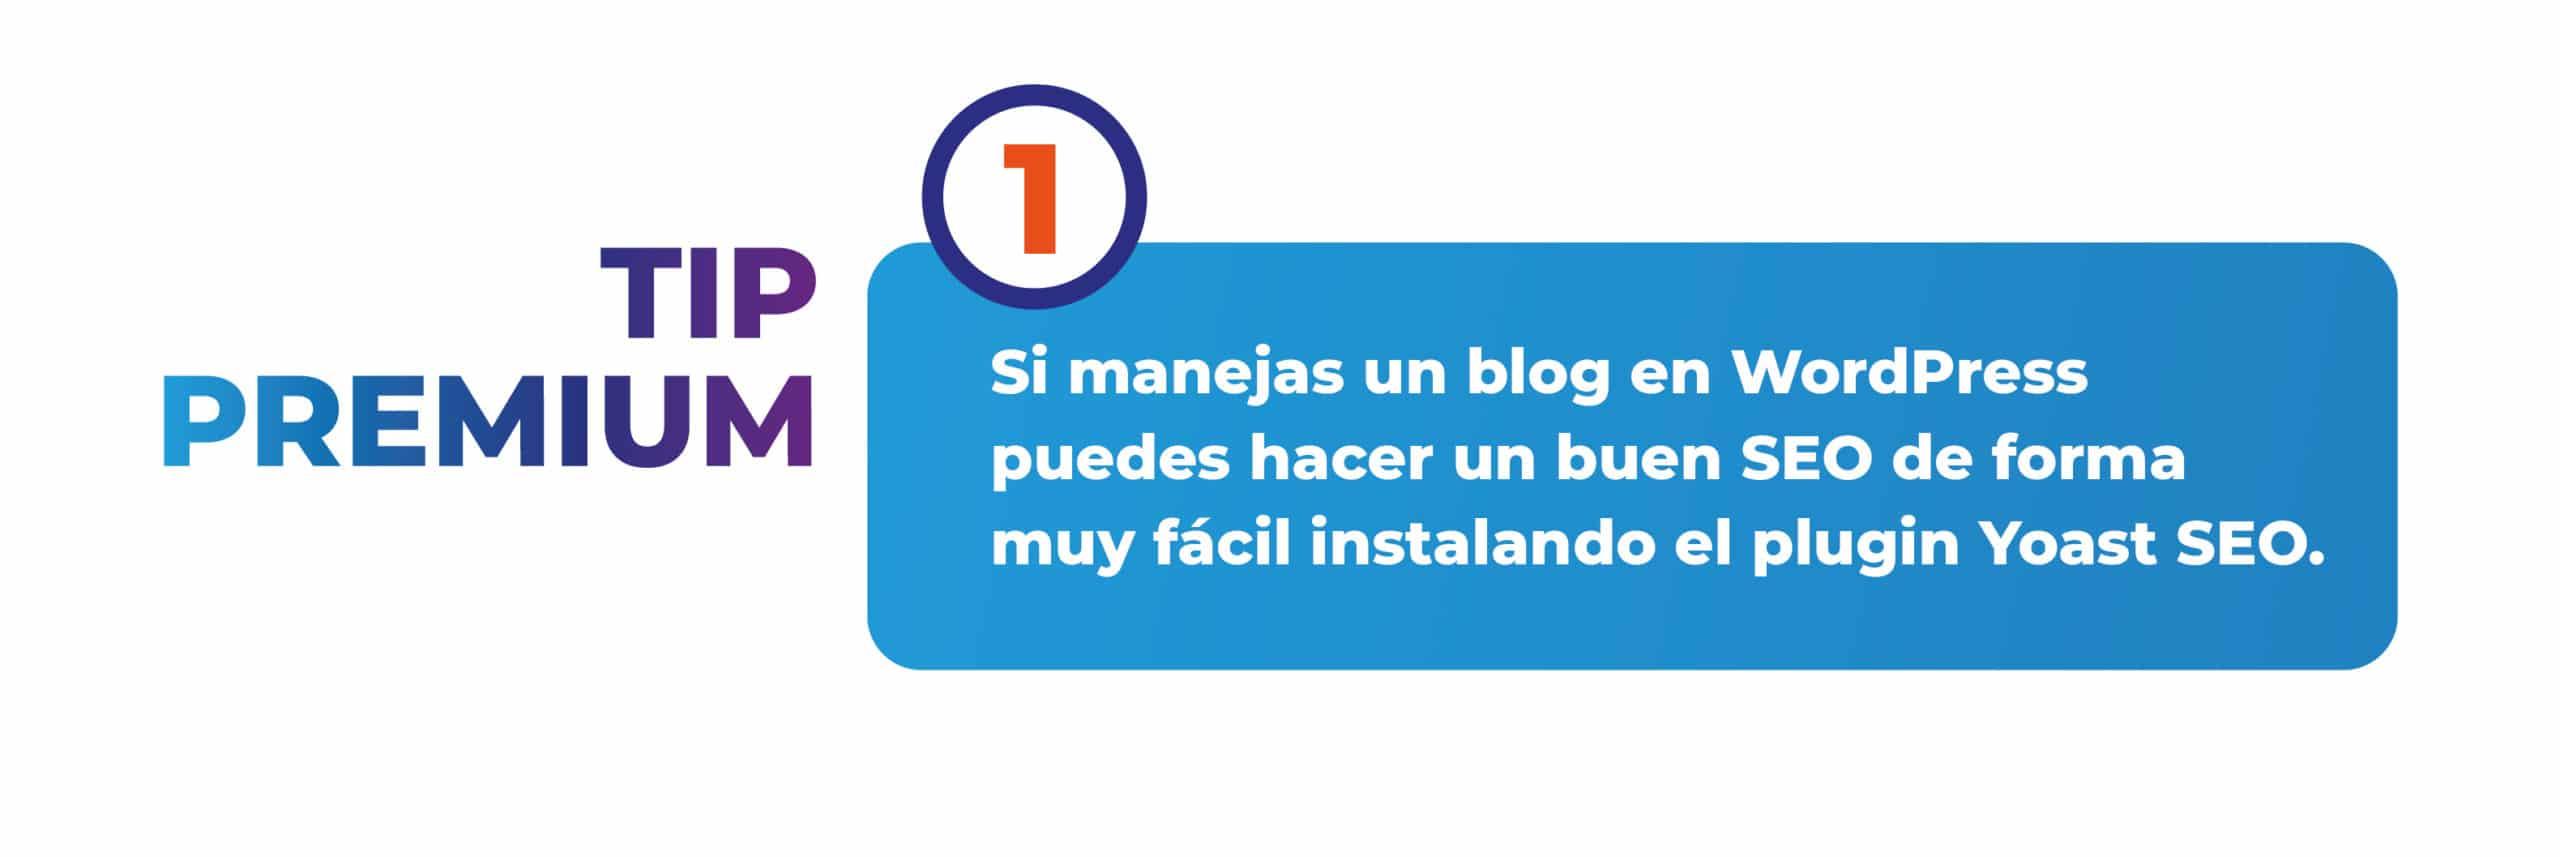 Tip 1 para escribir un blog